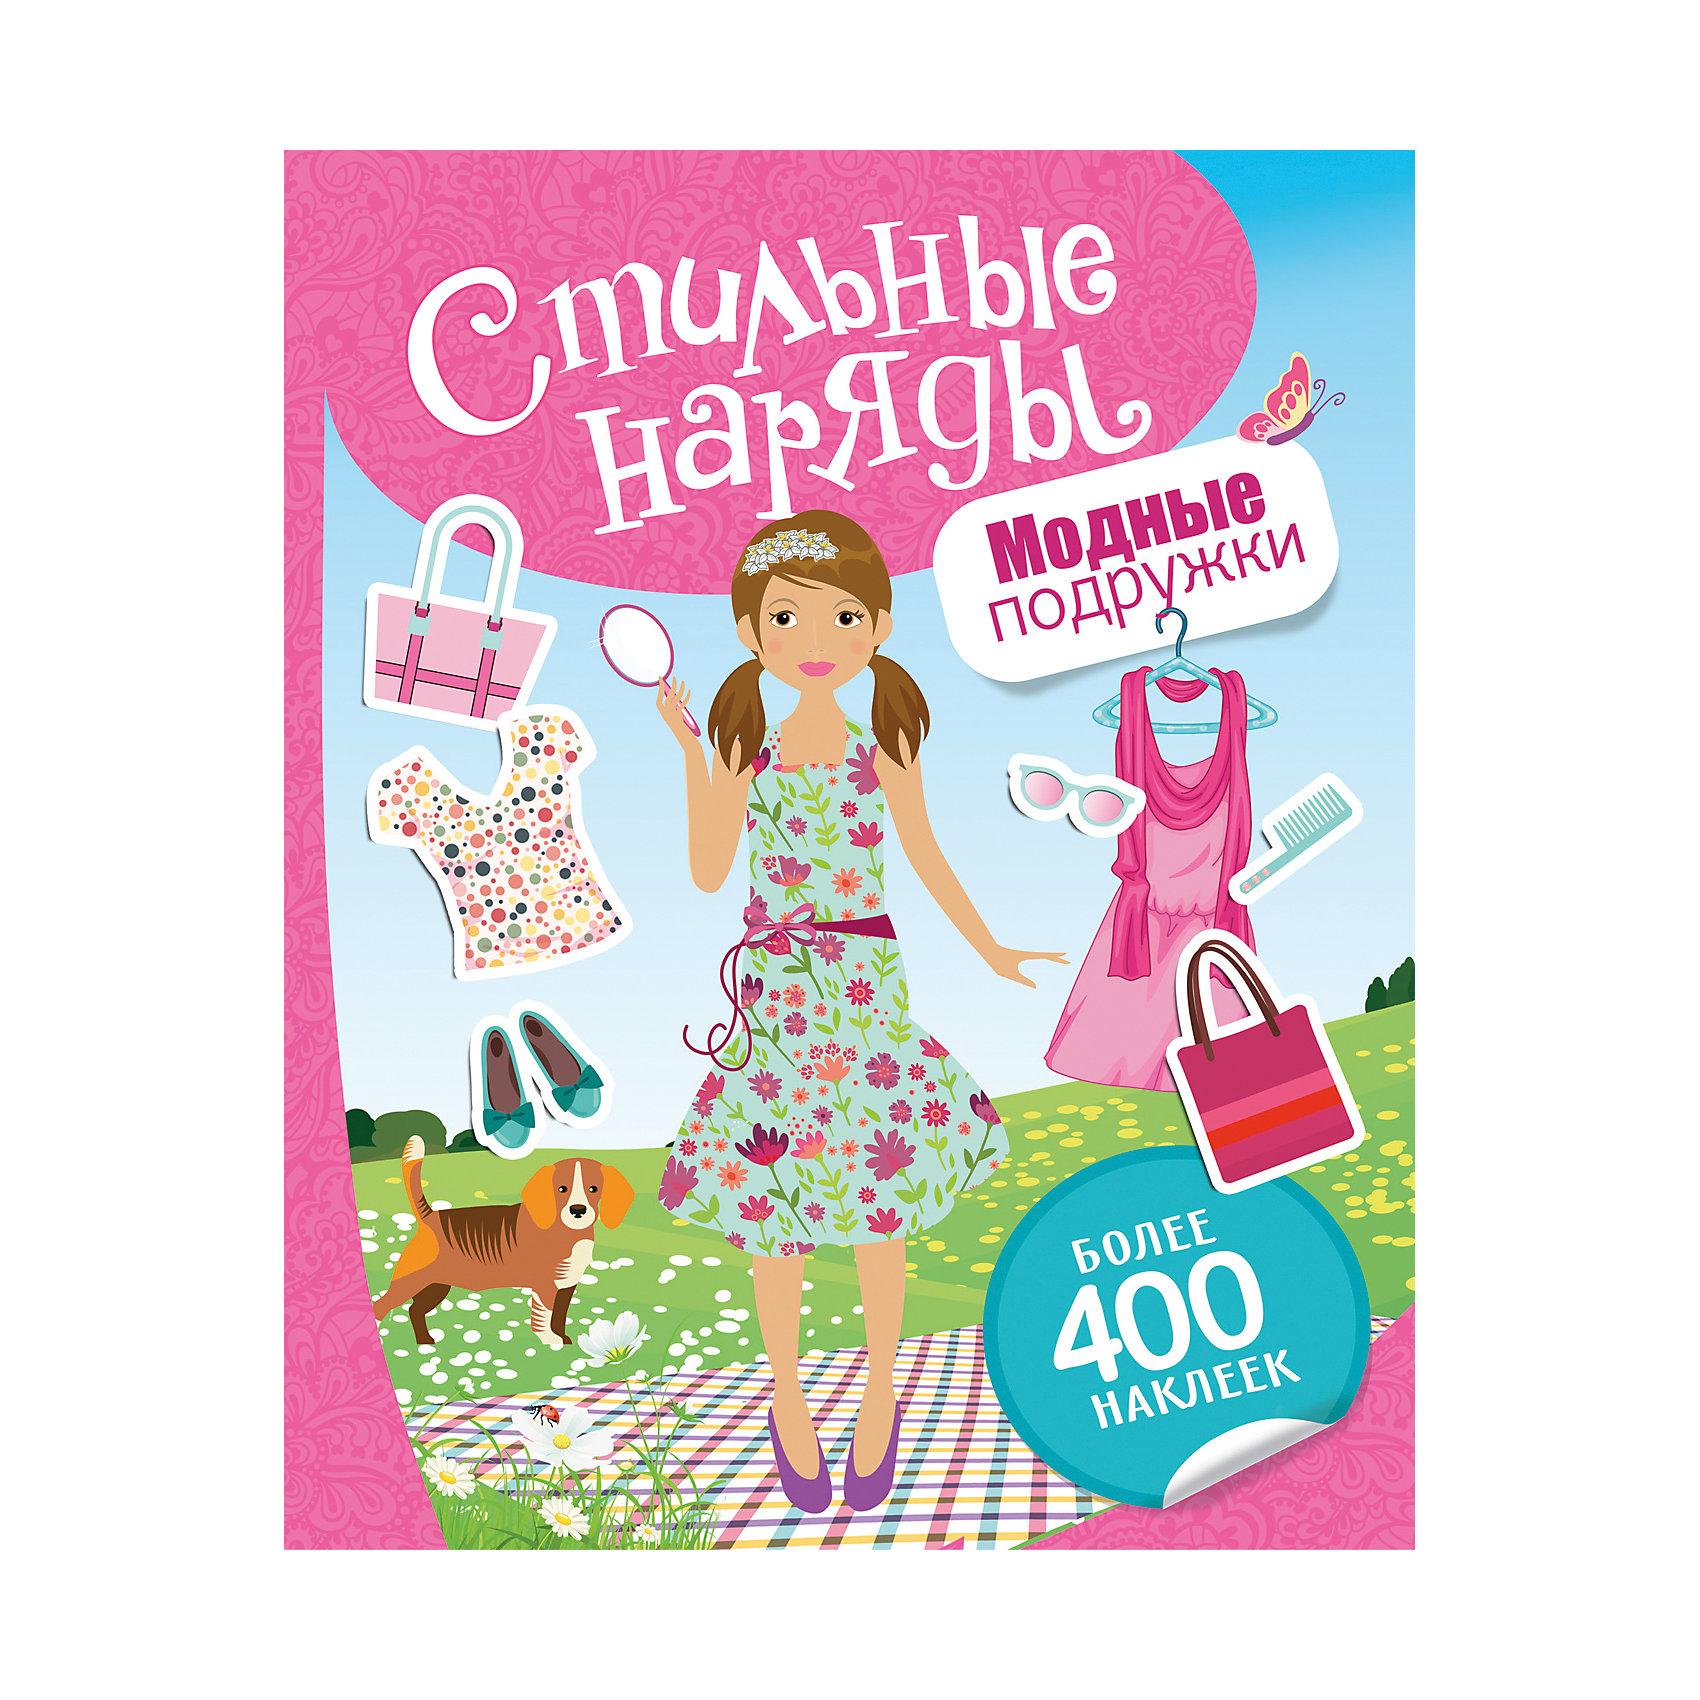 Наклейки Стильные наряды: модные подружкиРосмэн<br>Наклейки Стильные наряды. Модные подружки<br><br>Характеристики:<br><br>• ISBN: 978535308004<br>• Количество наклеек: большее 400<br>• В комплекте: альбом с наклейками<br><br>В этой книге содержится более 400 наклеек с разными модными аксессуарами и одеждой! Играя с этой книгой, ваш ребенок сможет ощутить себя настоящим дизайнером, составляя модные образы и сочетая различные элементы нарядов между собой. Игра с наклейками способствует развитию мелкой моторики у детей, а яркие и красочные изображения надолго увлекут игрой.<br><br>Наклейки Стильные наряды. Модные подружки можно купить в нашем интернет-магазине.<br><br>Ширина мм: 295<br>Глубина мм: 240<br>Высота мм: 30<br>Вес г: 218<br>Возраст от месяцев: 60<br>Возраст до месяцев: 2147483647<br>Пол: Женский<br>Возраст: Детский<br>SKU: 5507138